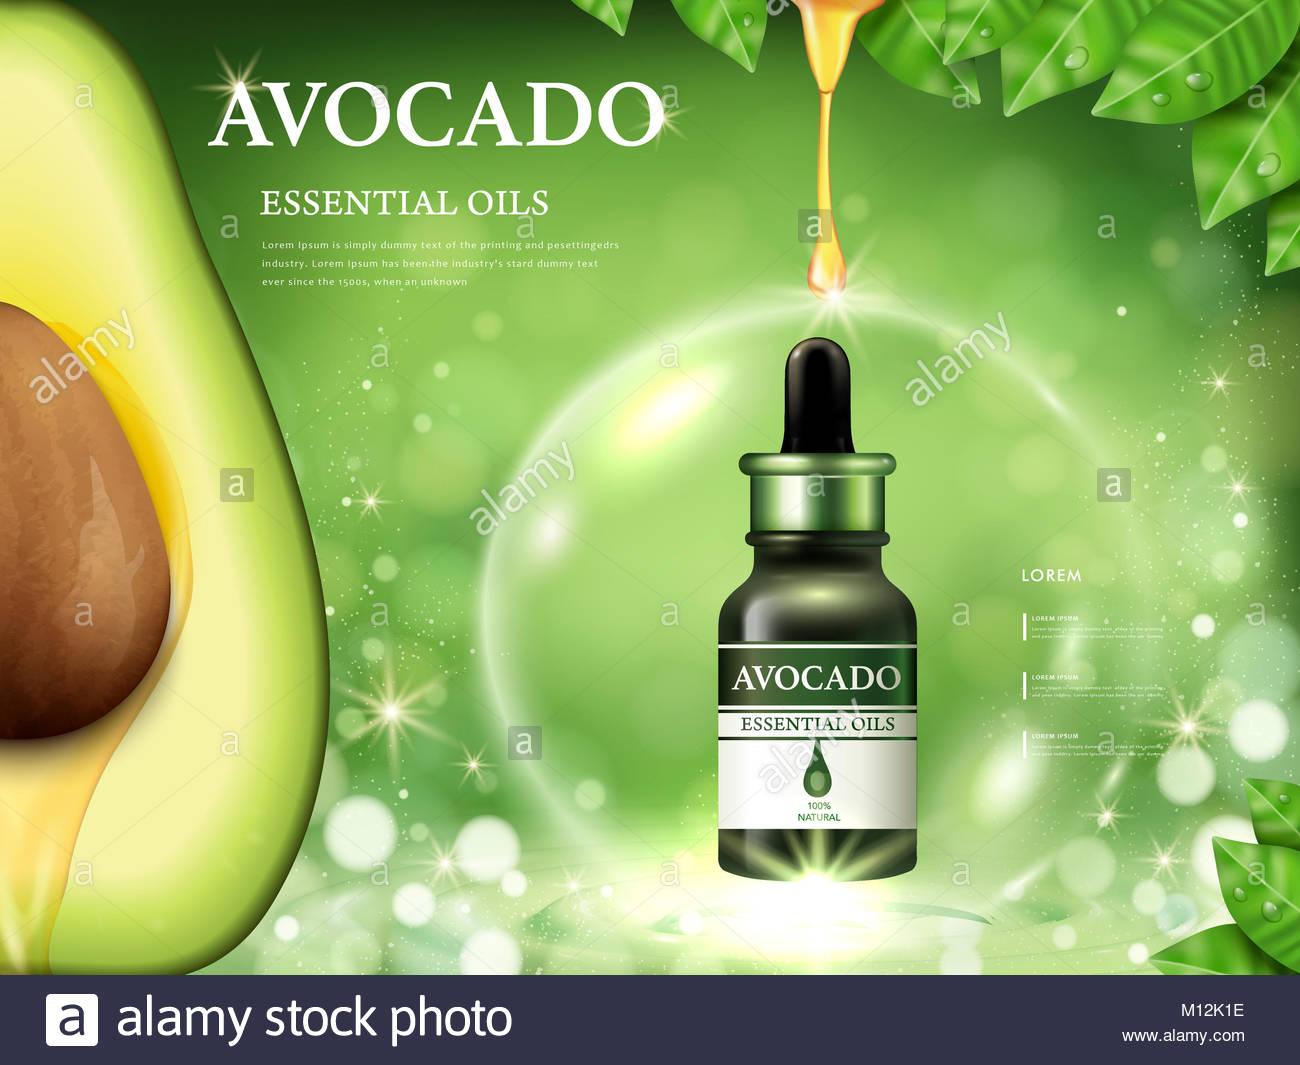 Aceite esencial de aguacate anuncios, Anatomía de fruta en el lado ...